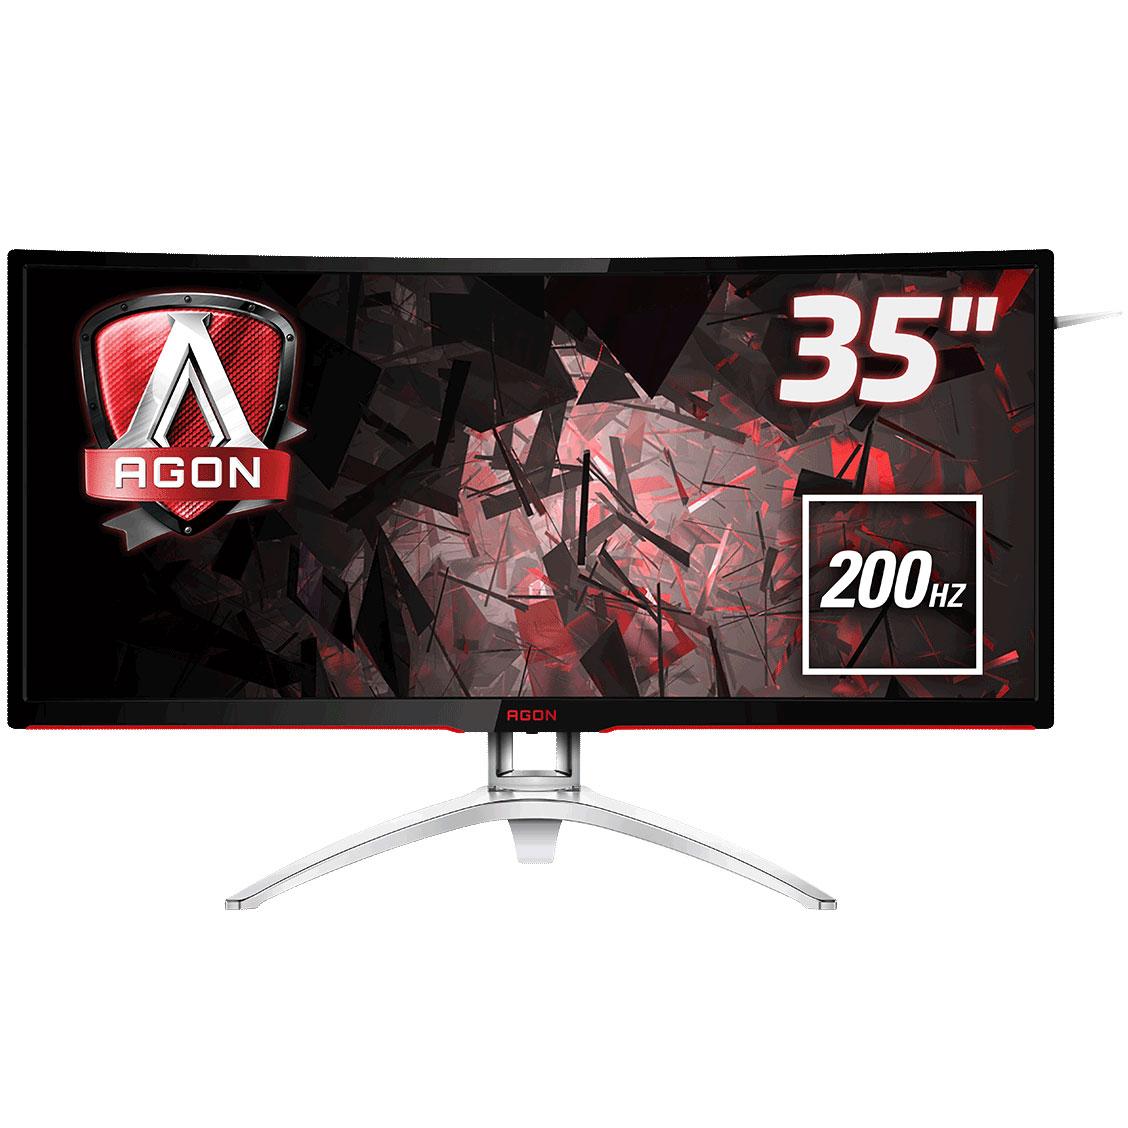 """Ecran PC AOC 35"""" LED - AGON AG352QCX 2560 x 1080 pixels - 4 ms (gris à gris) - Format large 21/9 - Dalle MVA incurvée - 200 Hz - DisplayPort - HDMI - Adaptive-Sync - MHL - Hub USB 3.0 - Noir/Argent"""